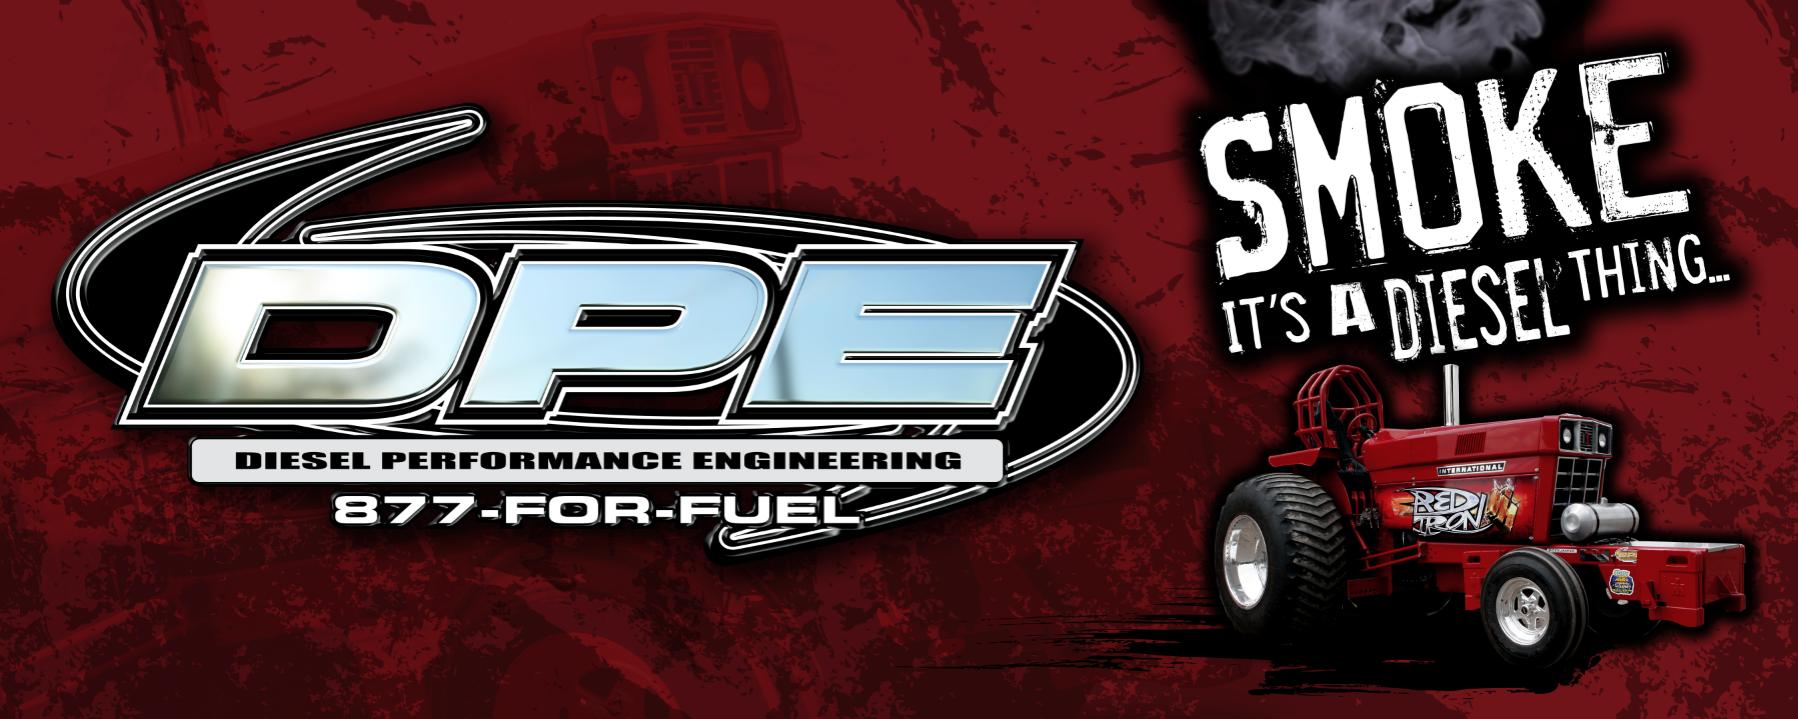 Diesel Performance Engineering image 8